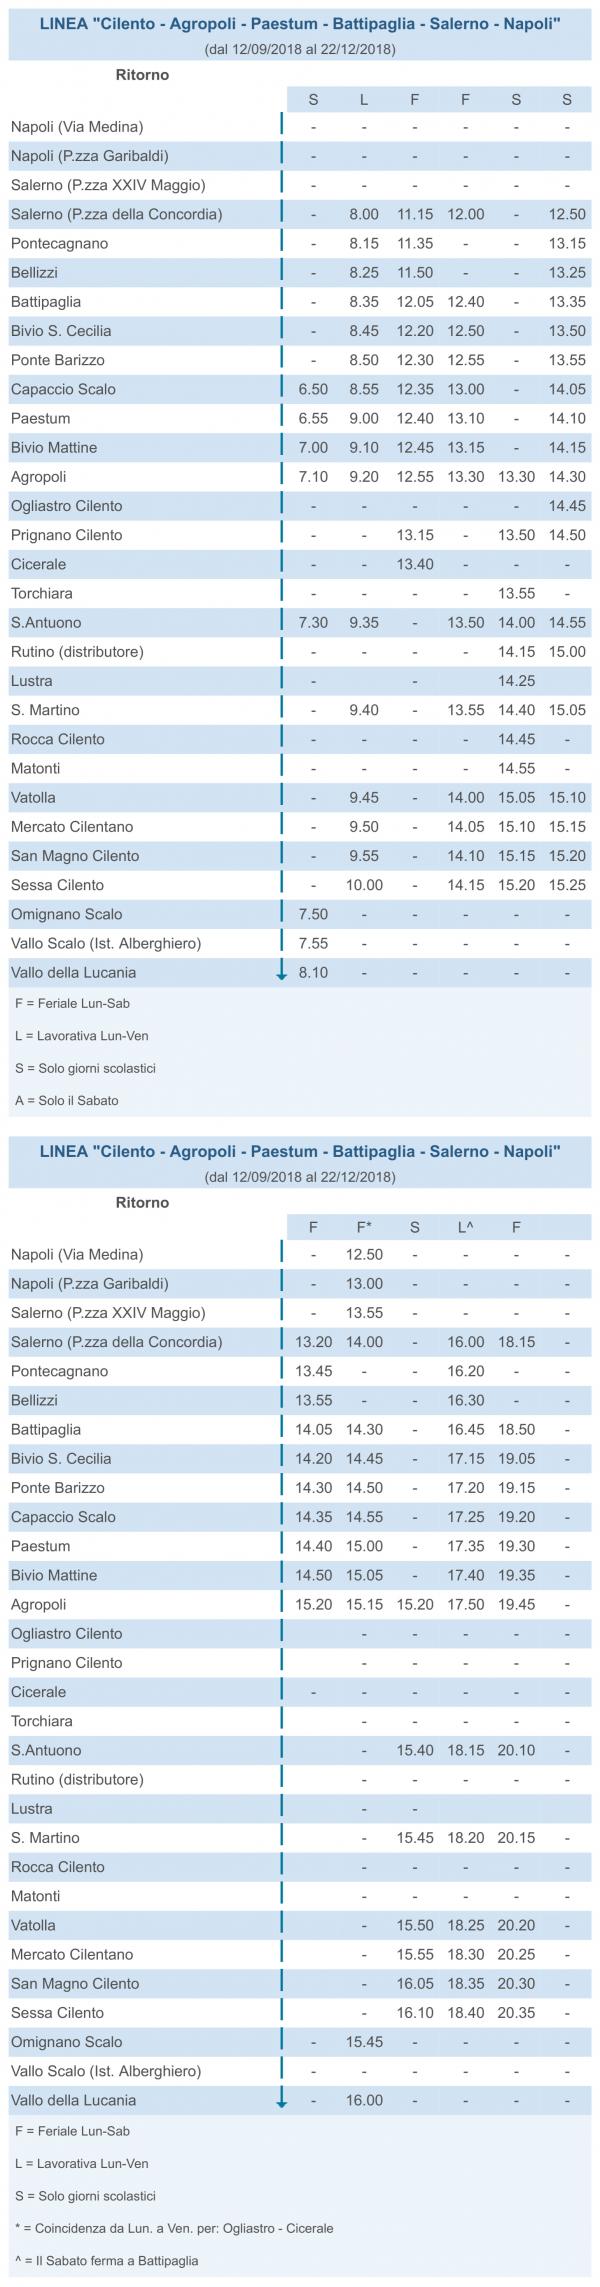 autobus - _Cilento - Agropoli - Paestum - Battipaglia - Salerno - Napoli ritorno